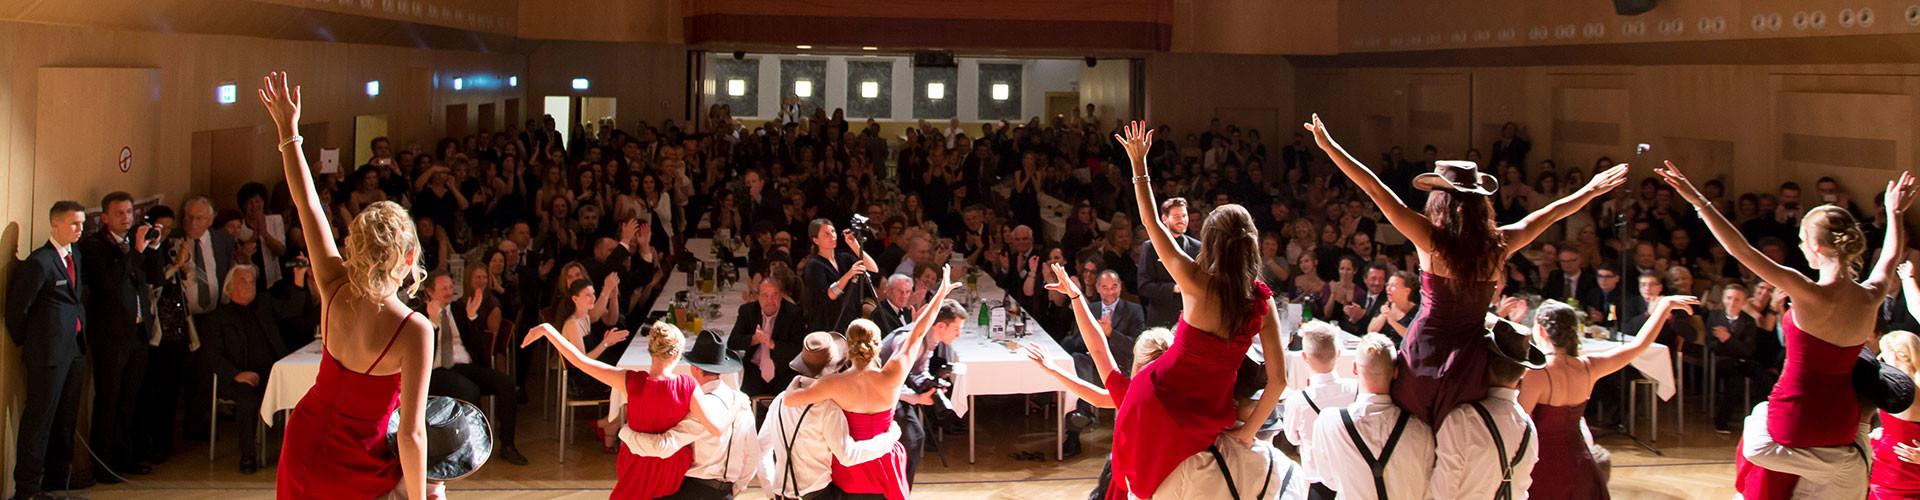 Ihre Veranstaltungen in den Kammersälen © Graf-Putz, AK Stmk